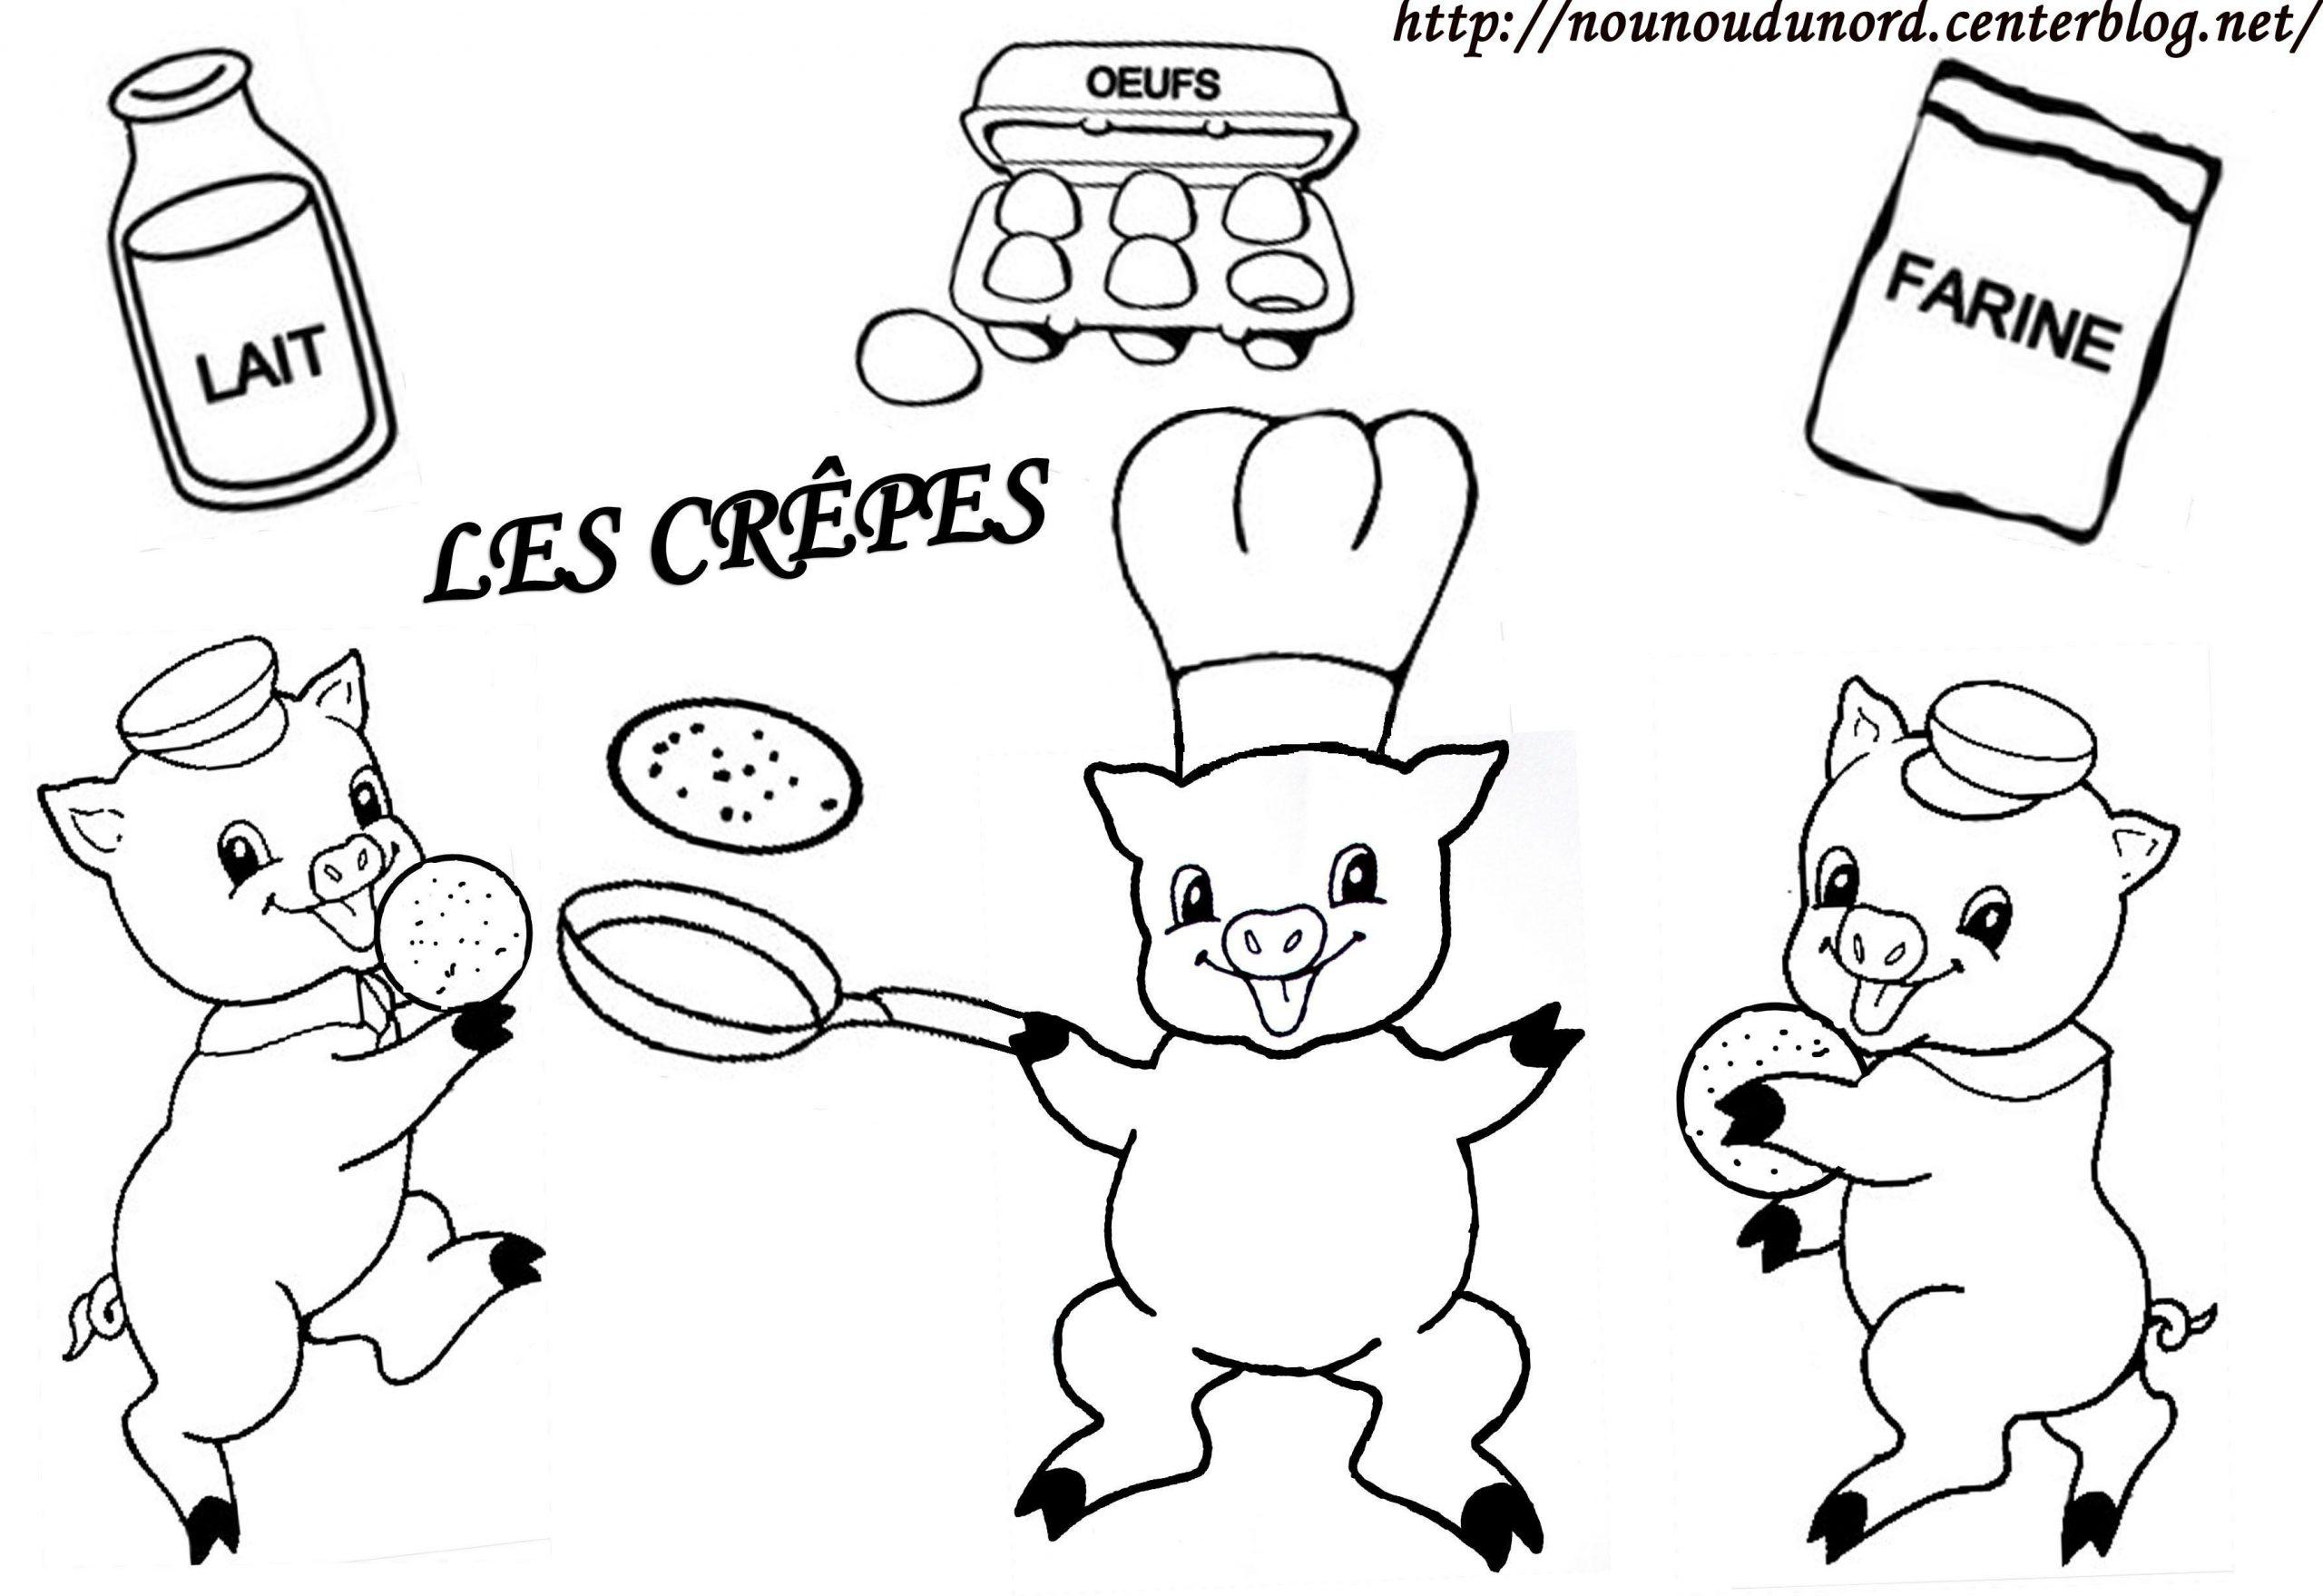 Coloriage Des 3 Petits Cochons Qui Font Des Crepes encequiconcerne Dessin A Colorier Cochon